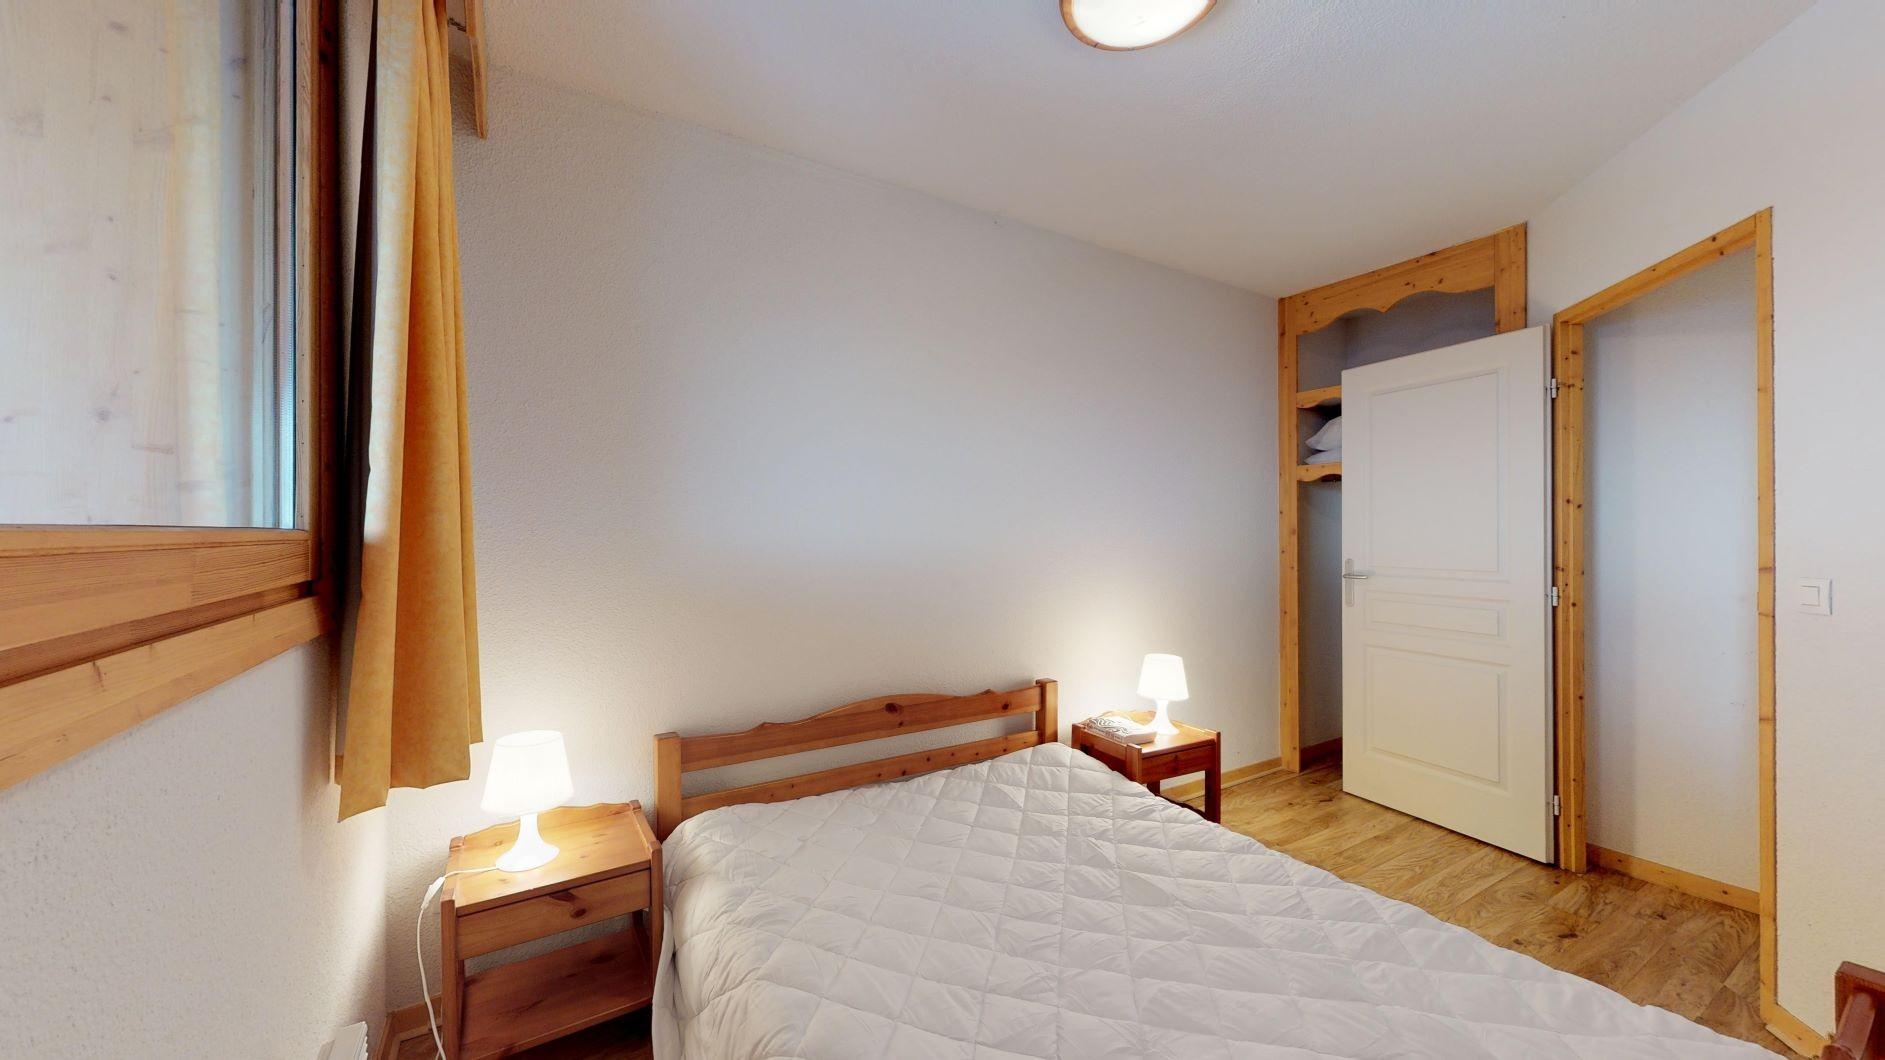 alpvision-residences-chamrousse-6-12162019-131641-1225865